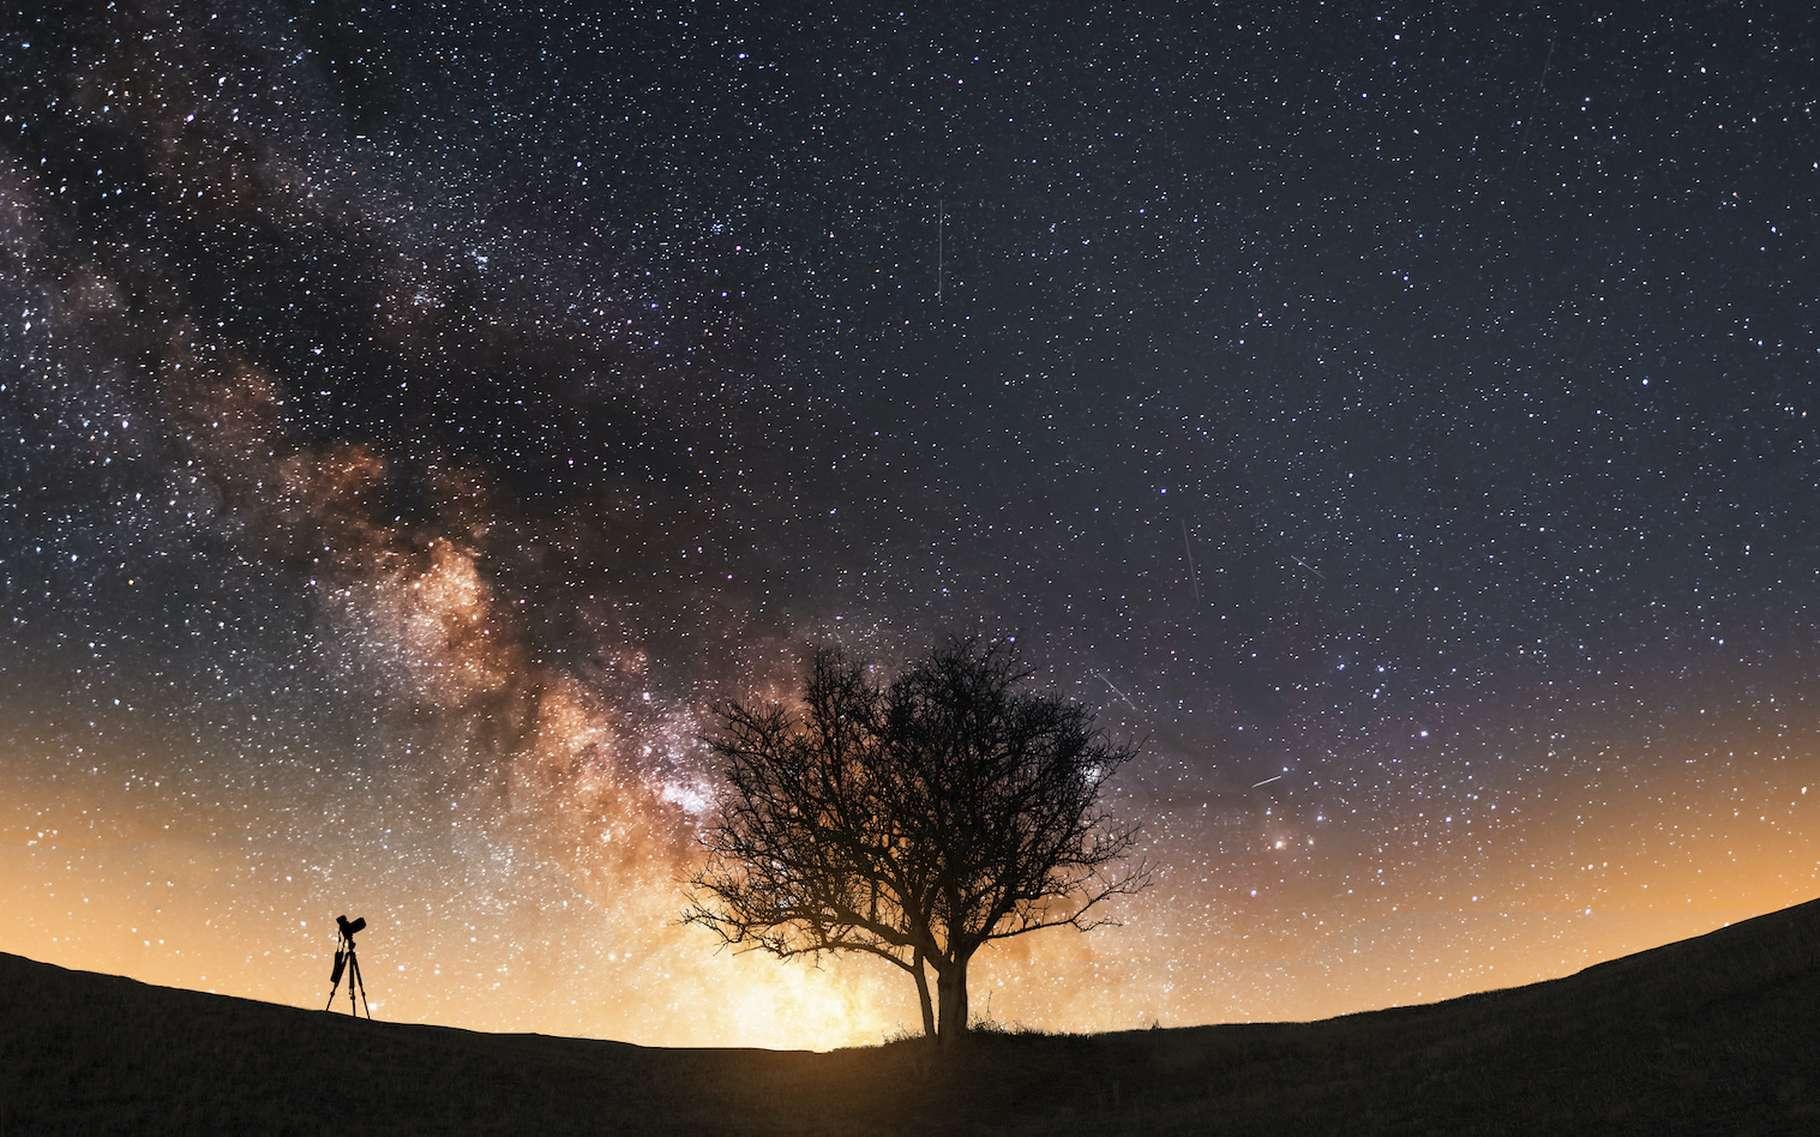 Des chercheurs de l'université de Harvard (États-Unis) ont établi une carte de la région externe du halo de la Voie lactée sur laquelle apparaît le sillage du passage de la galaxie du Grand nuage de Magellan laissé dans la matière noire. © Inga Av, Adobe Stock